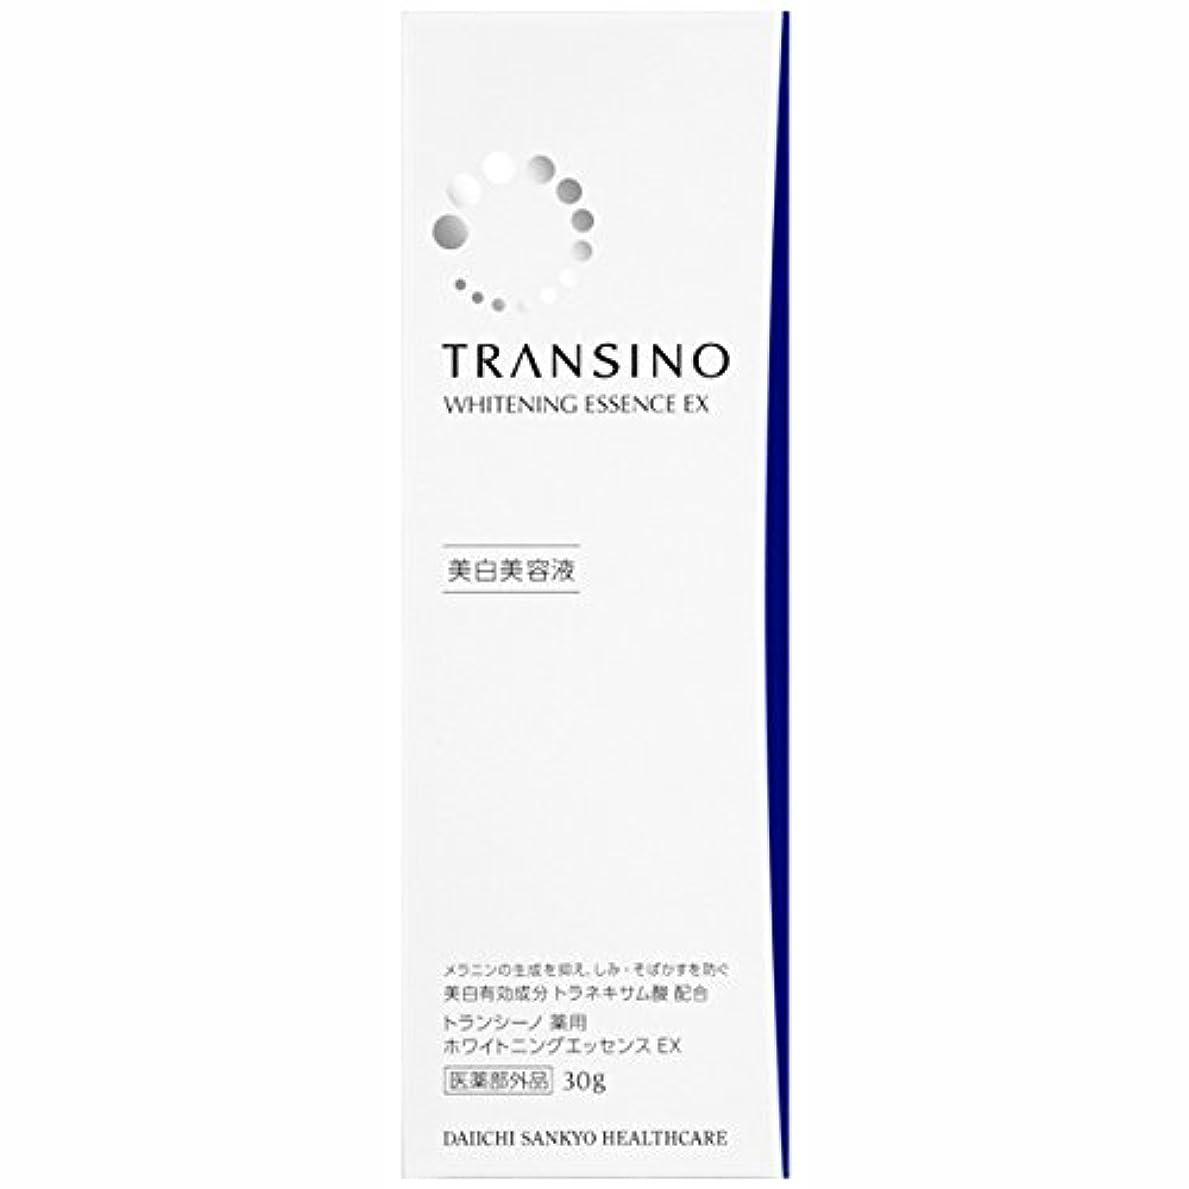 外交問題オーケストラ研磨トランシーノ 薬用ホワイトニングエッセンスEX 30g (医薬部外品)